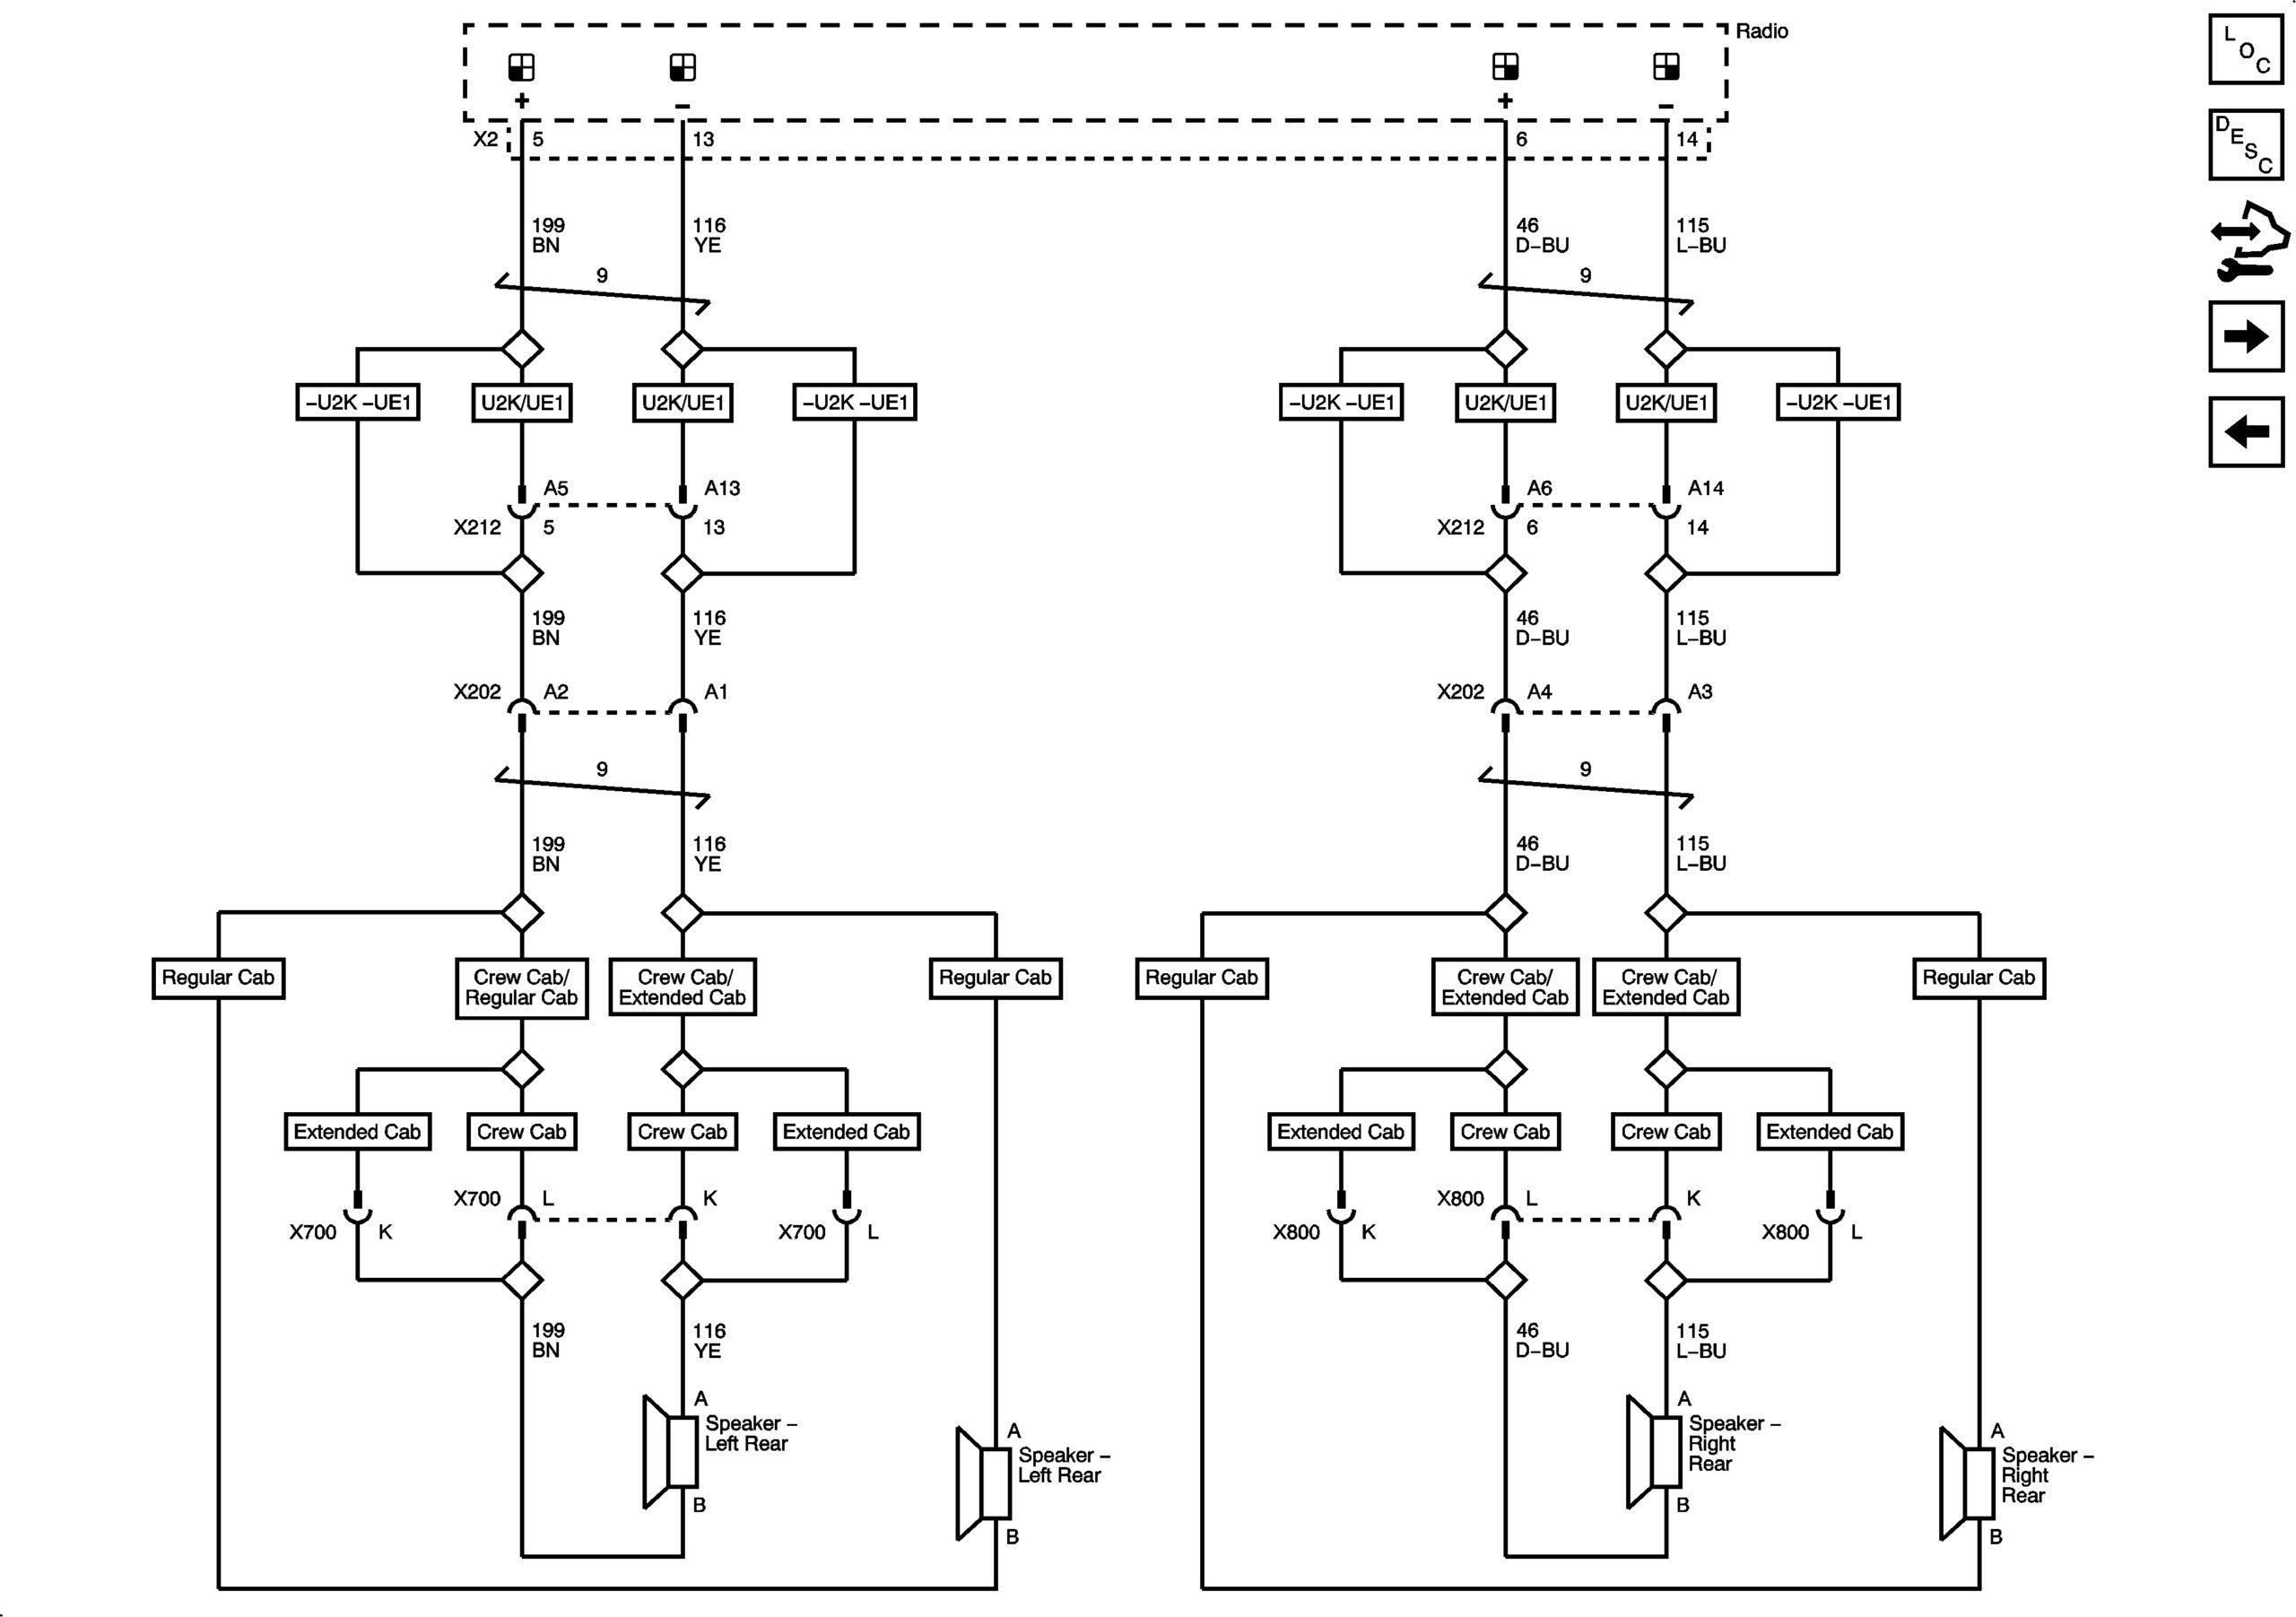 2002 Silverado Trailer Wiring Diagram